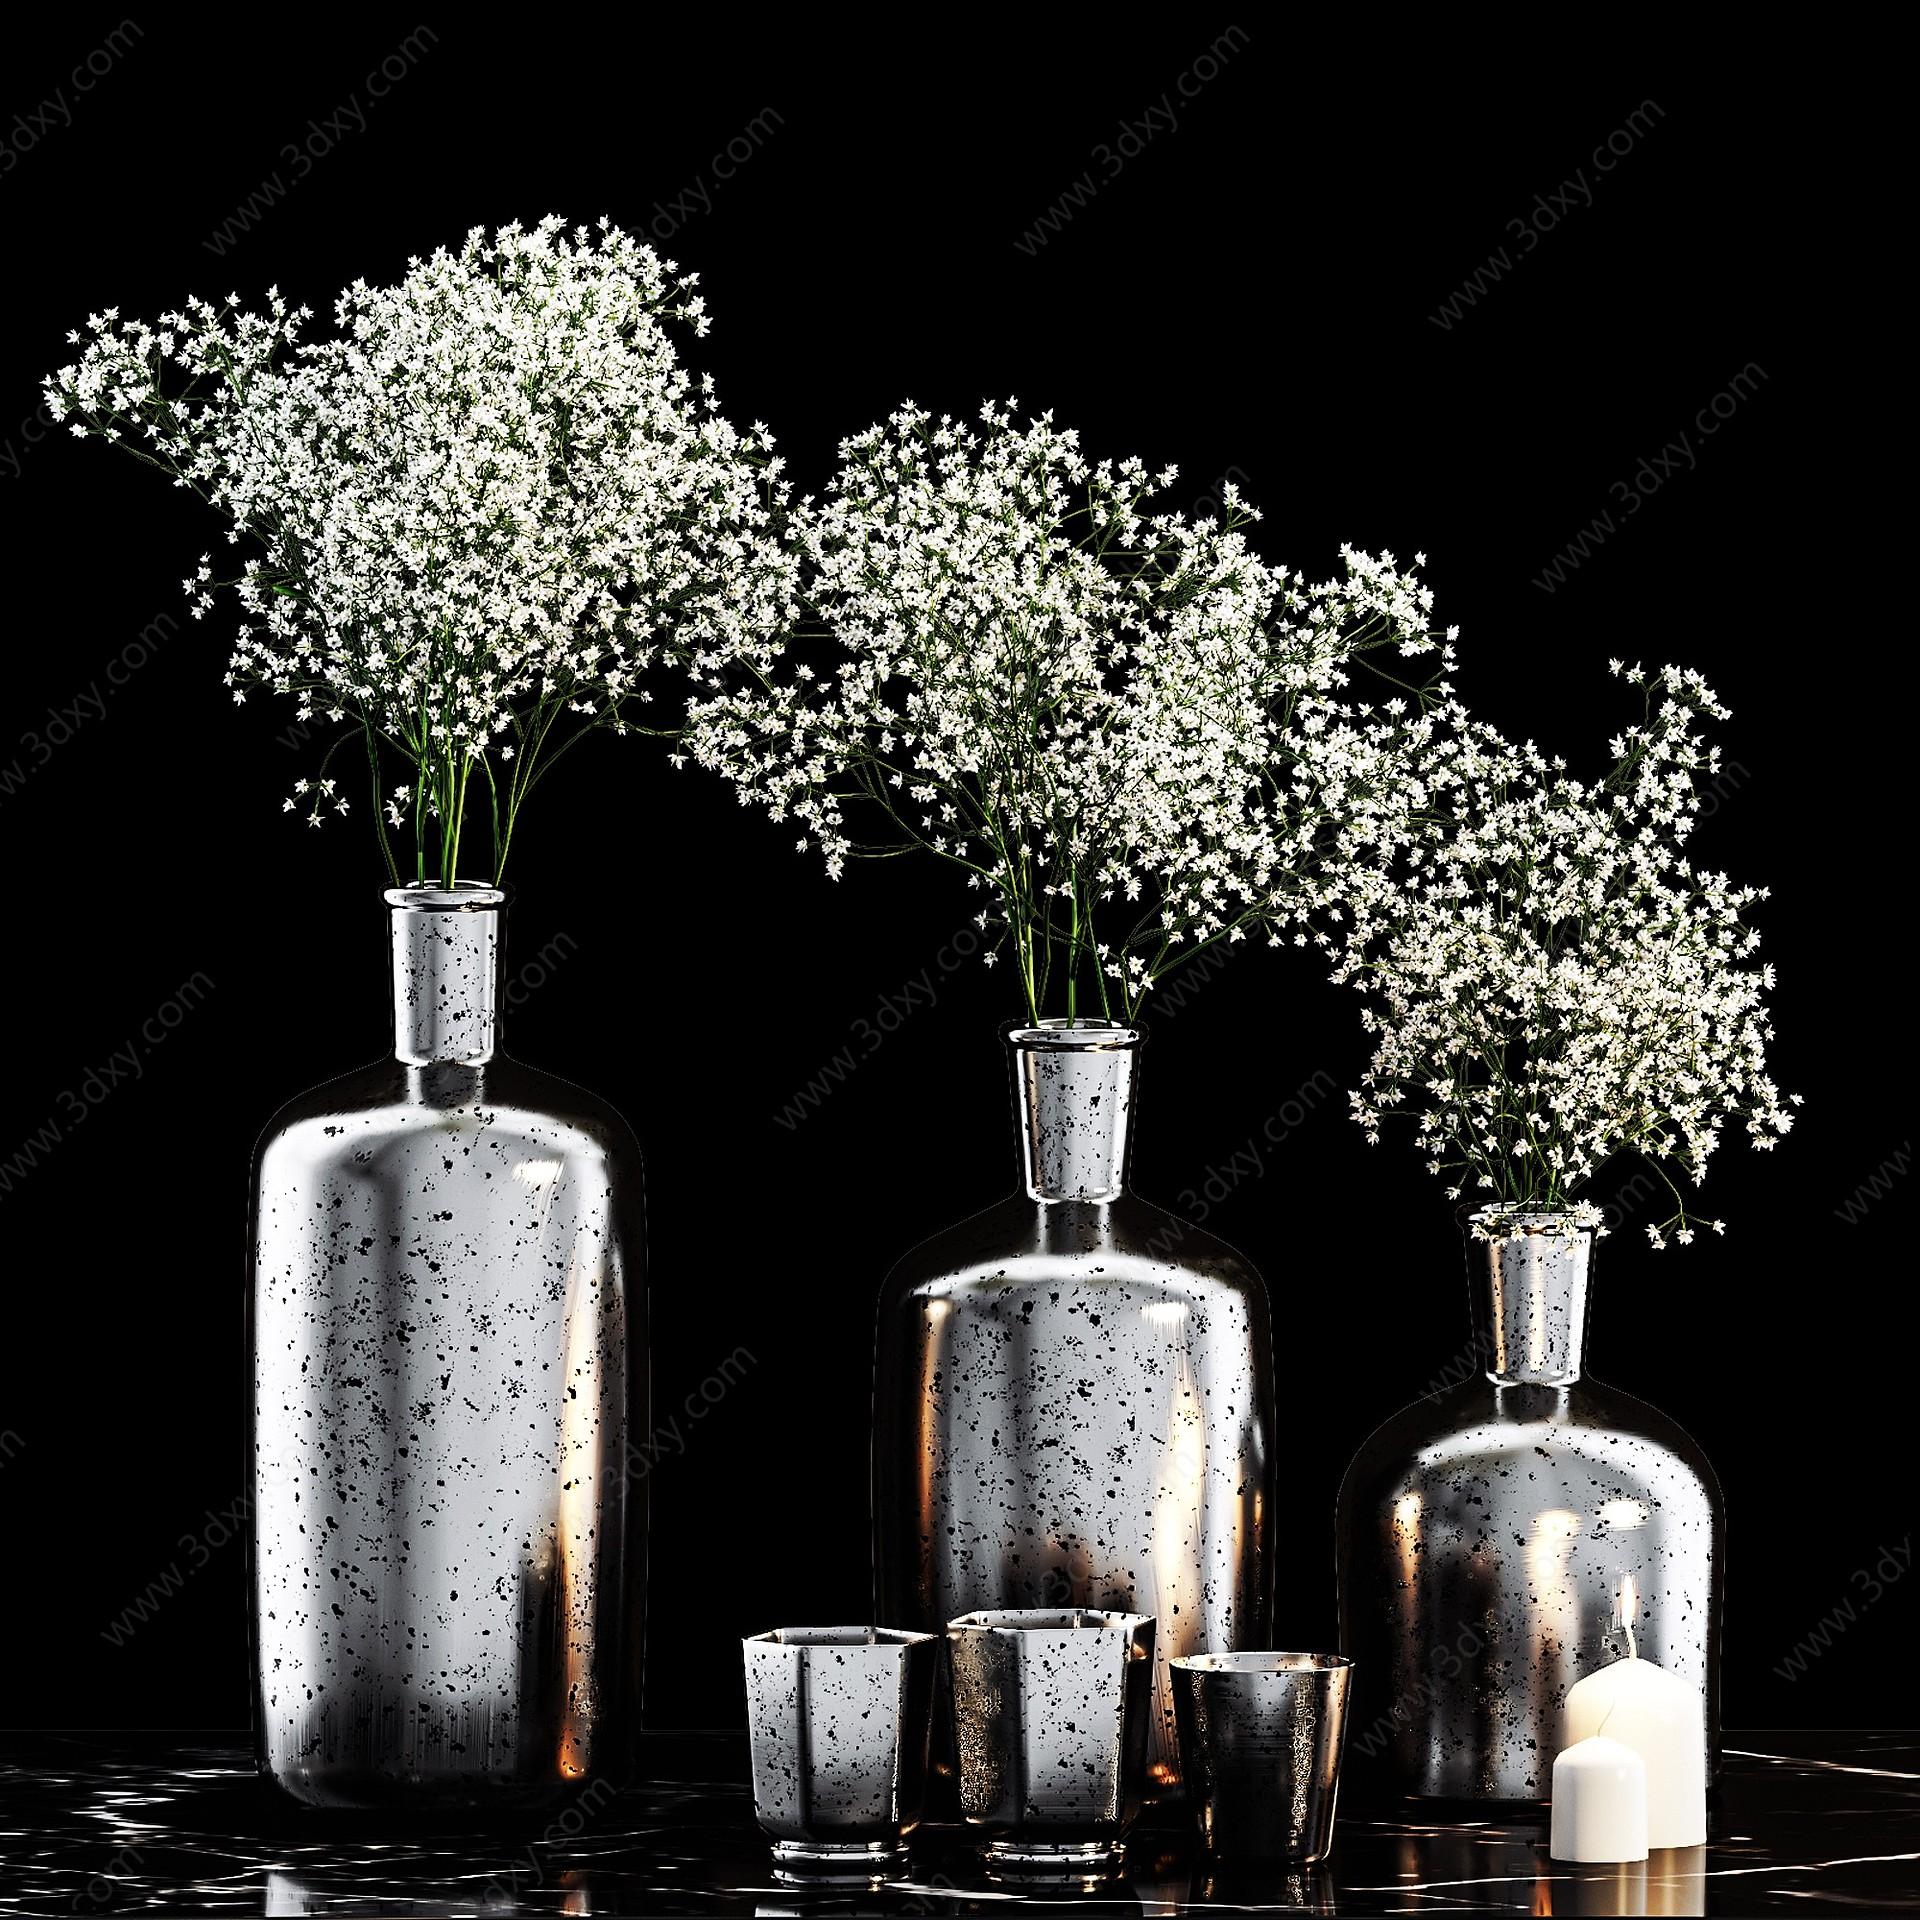 現代黑奢金屬植物花瓶擺設3D模型